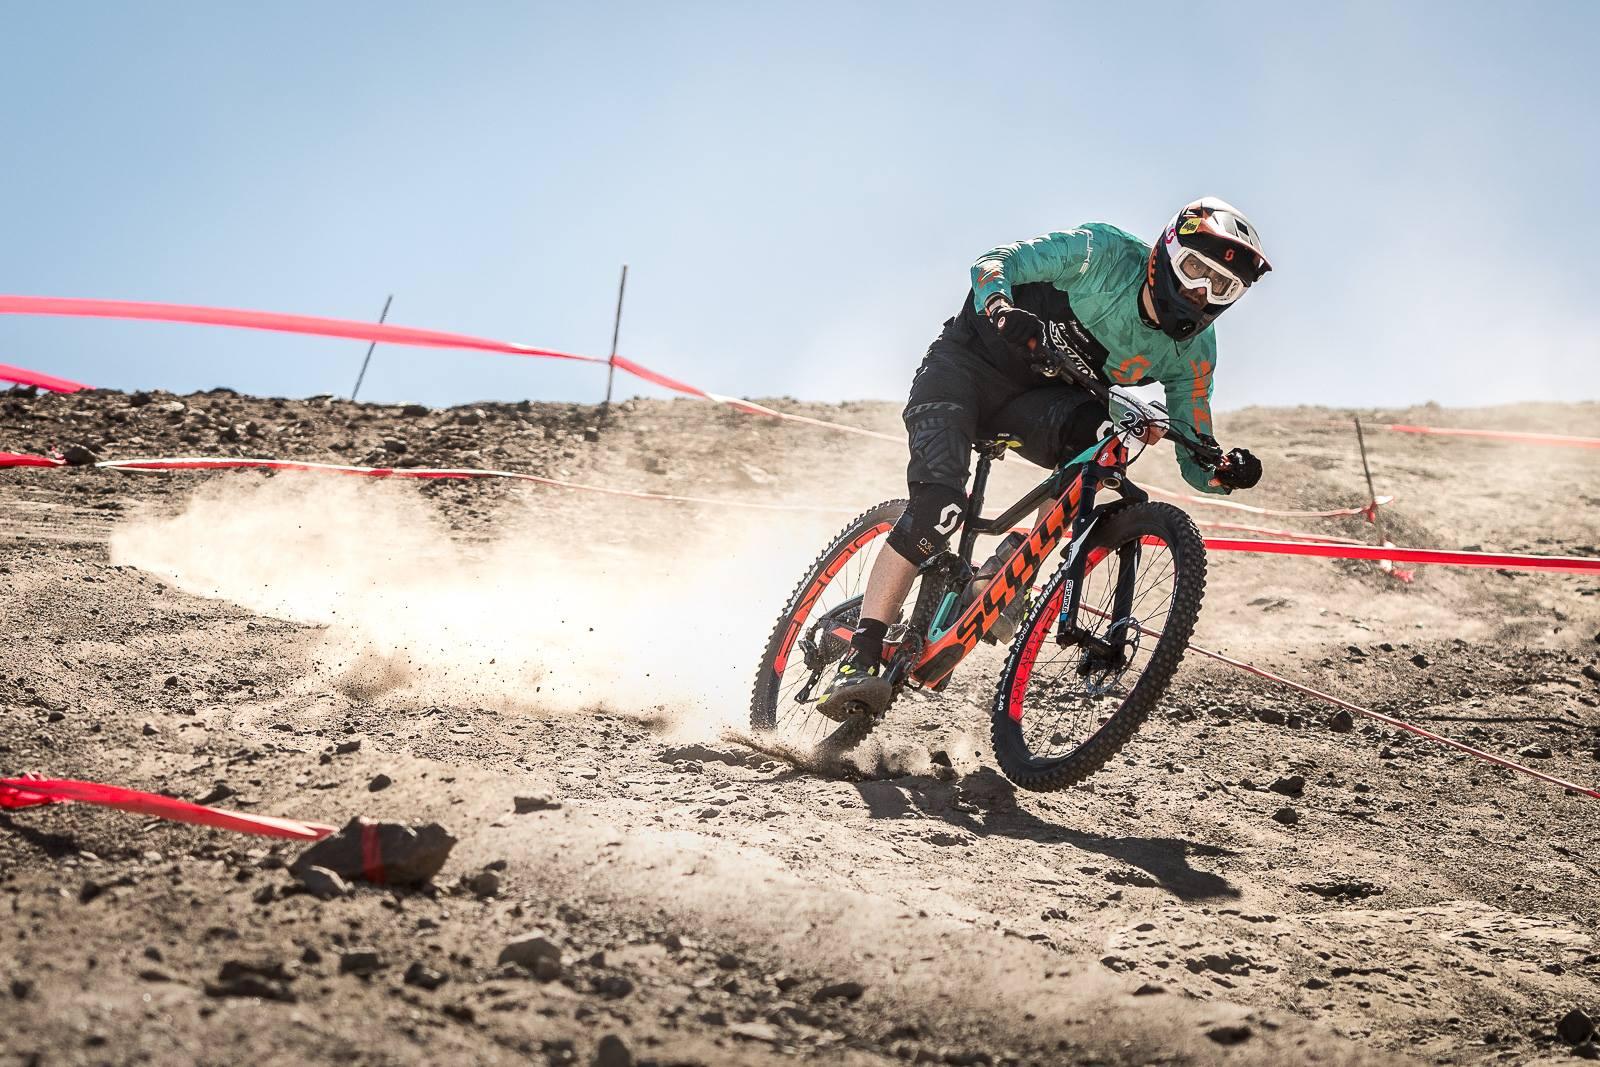 Rémy Absalon - Duke Racing wheels